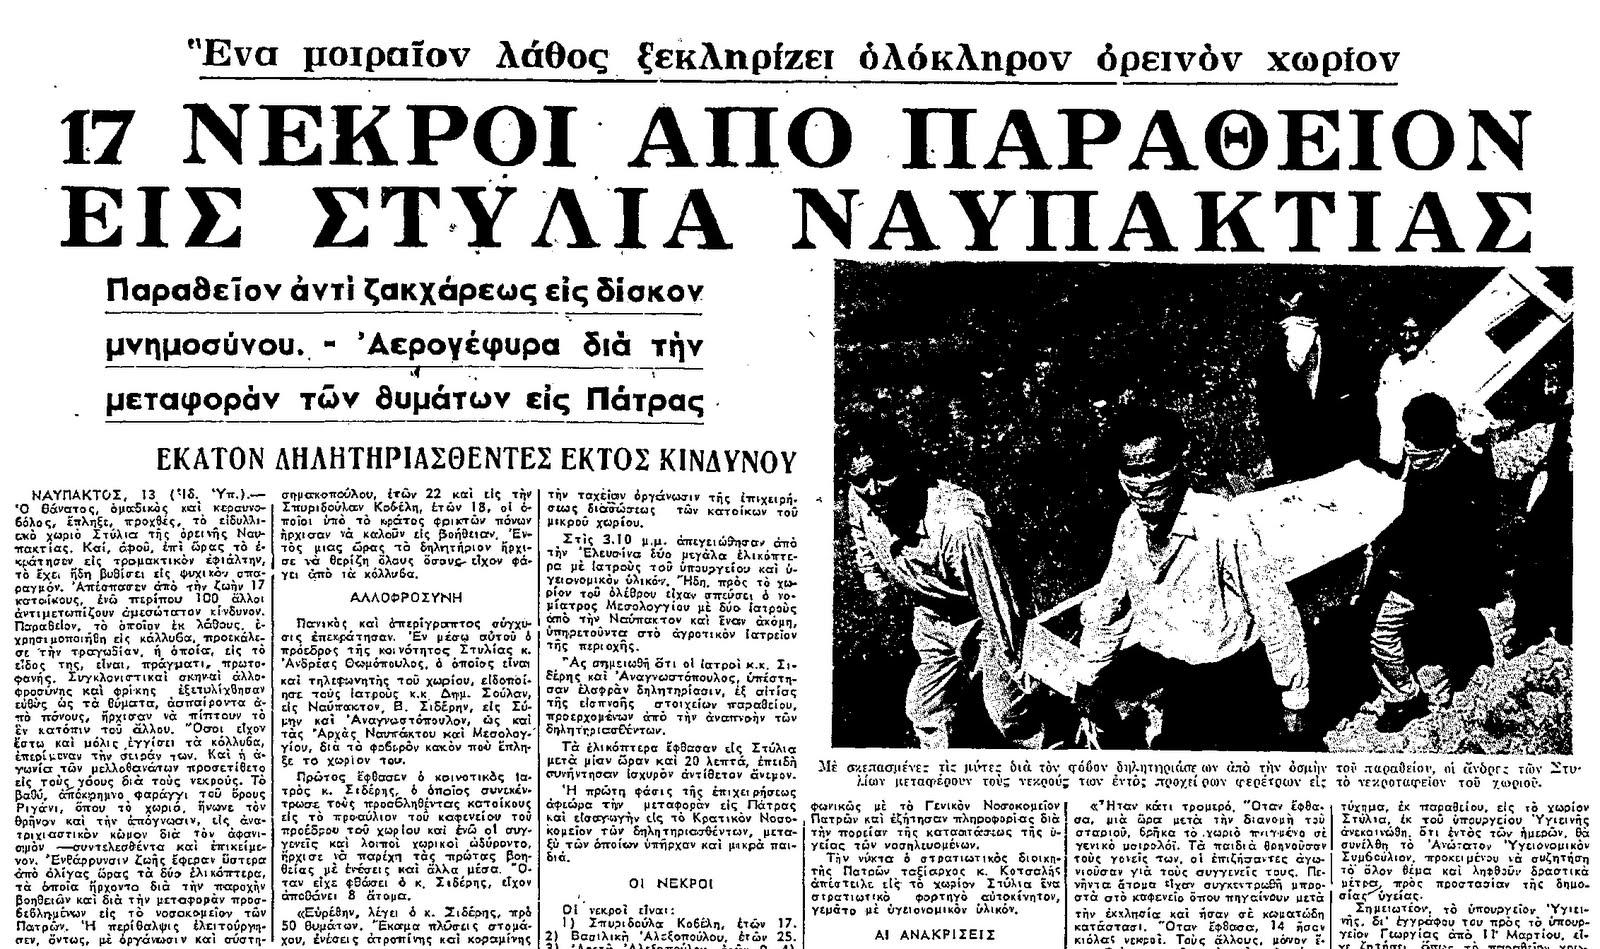 Ναυπακτία, 49 χρόνια πριν: 100 δηλητηριάστηκαν από δίσκο μνημοσύνου-17 νεκροί